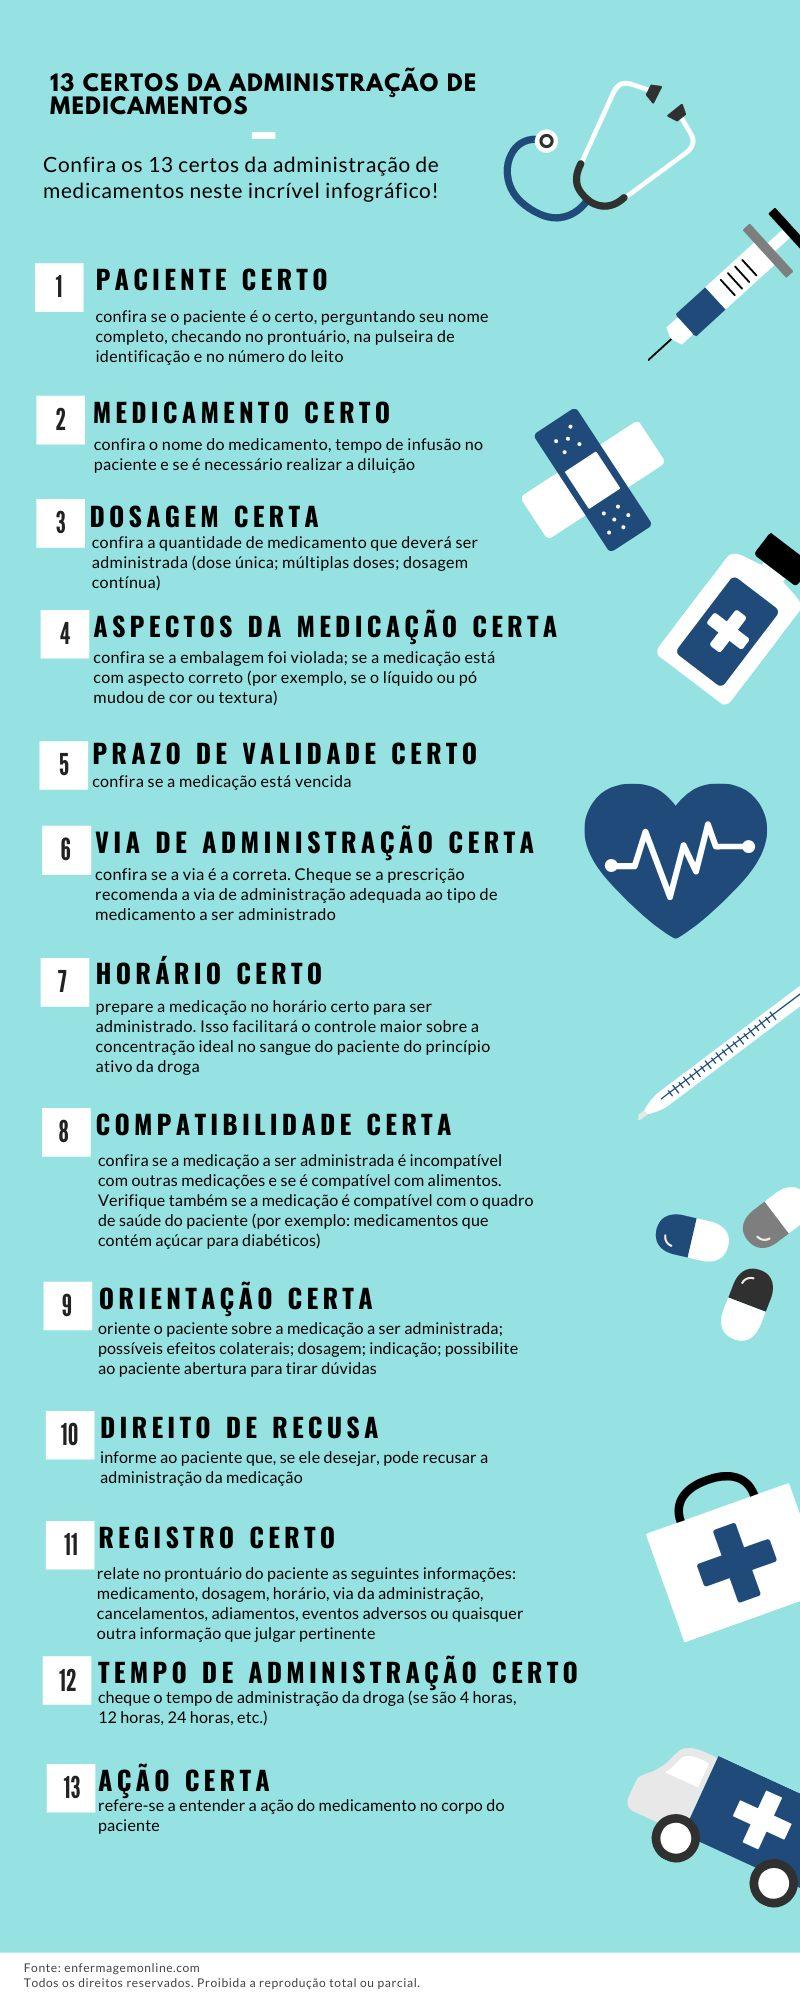 13 certos na administração de medicamentos